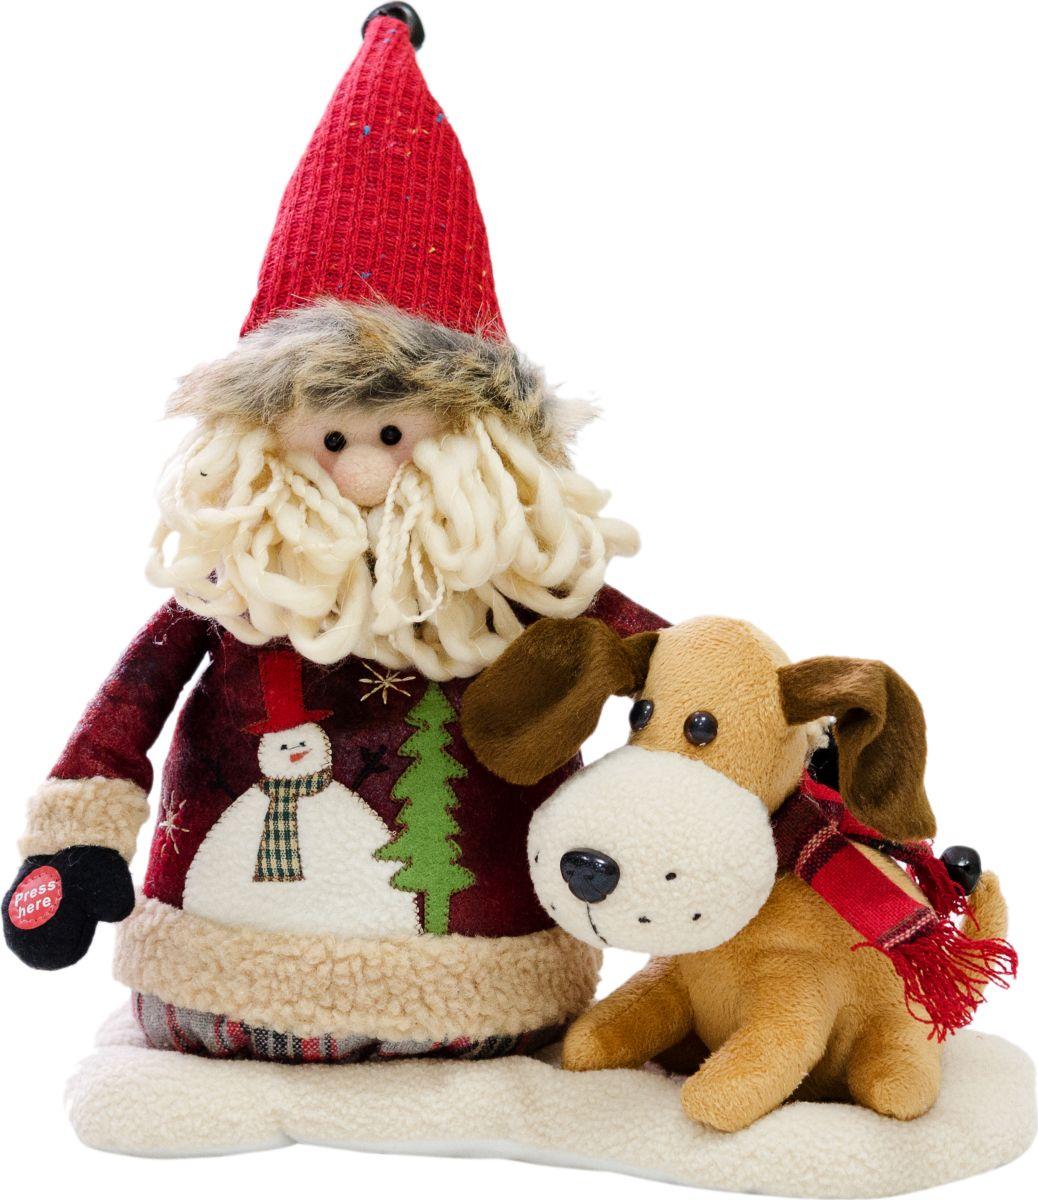 Фигурка праздничная музыкальная Estro Дед Мороз с собачкойYD160382Интерьерная игрушка ESTRO ручной работы. Музыкальная - дед мороз весело под музыку качает головой. Батарейки в комплект не входят.